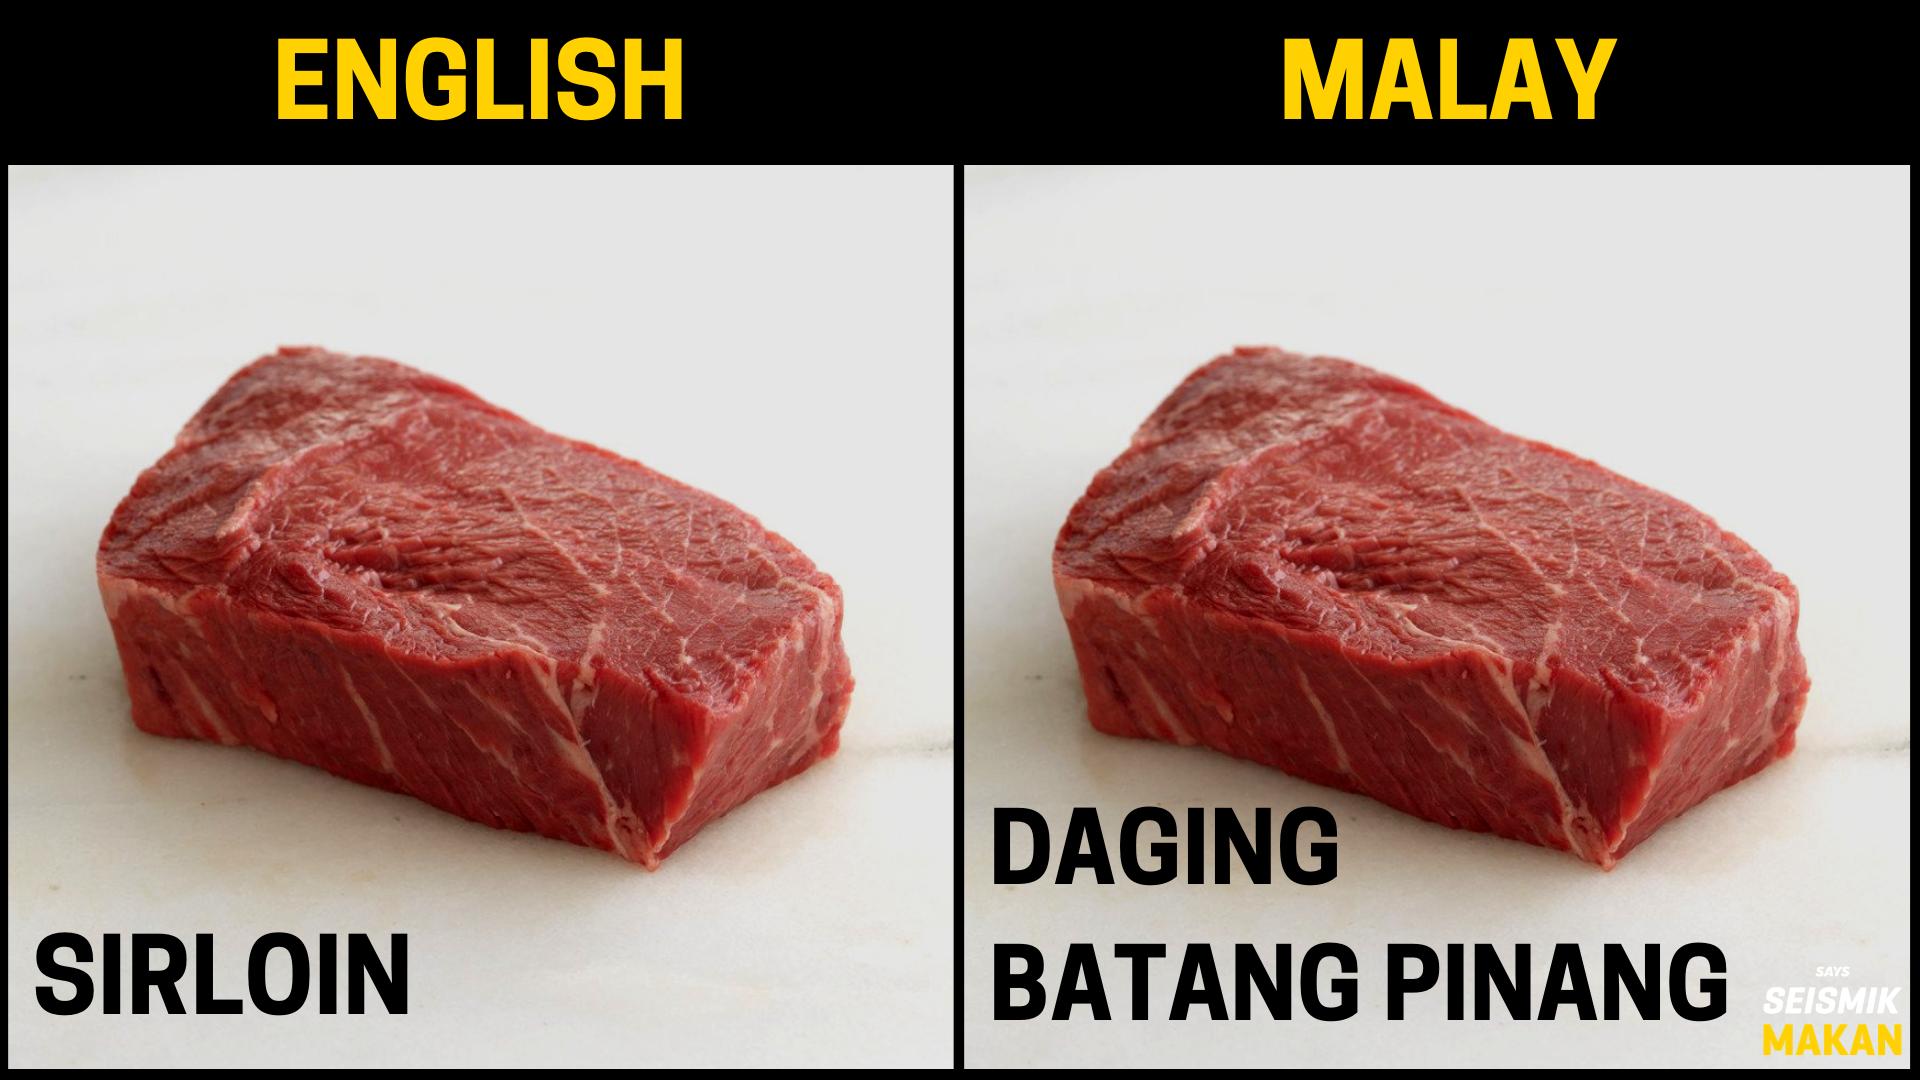 Daging Sirloin Bahasa Melayu